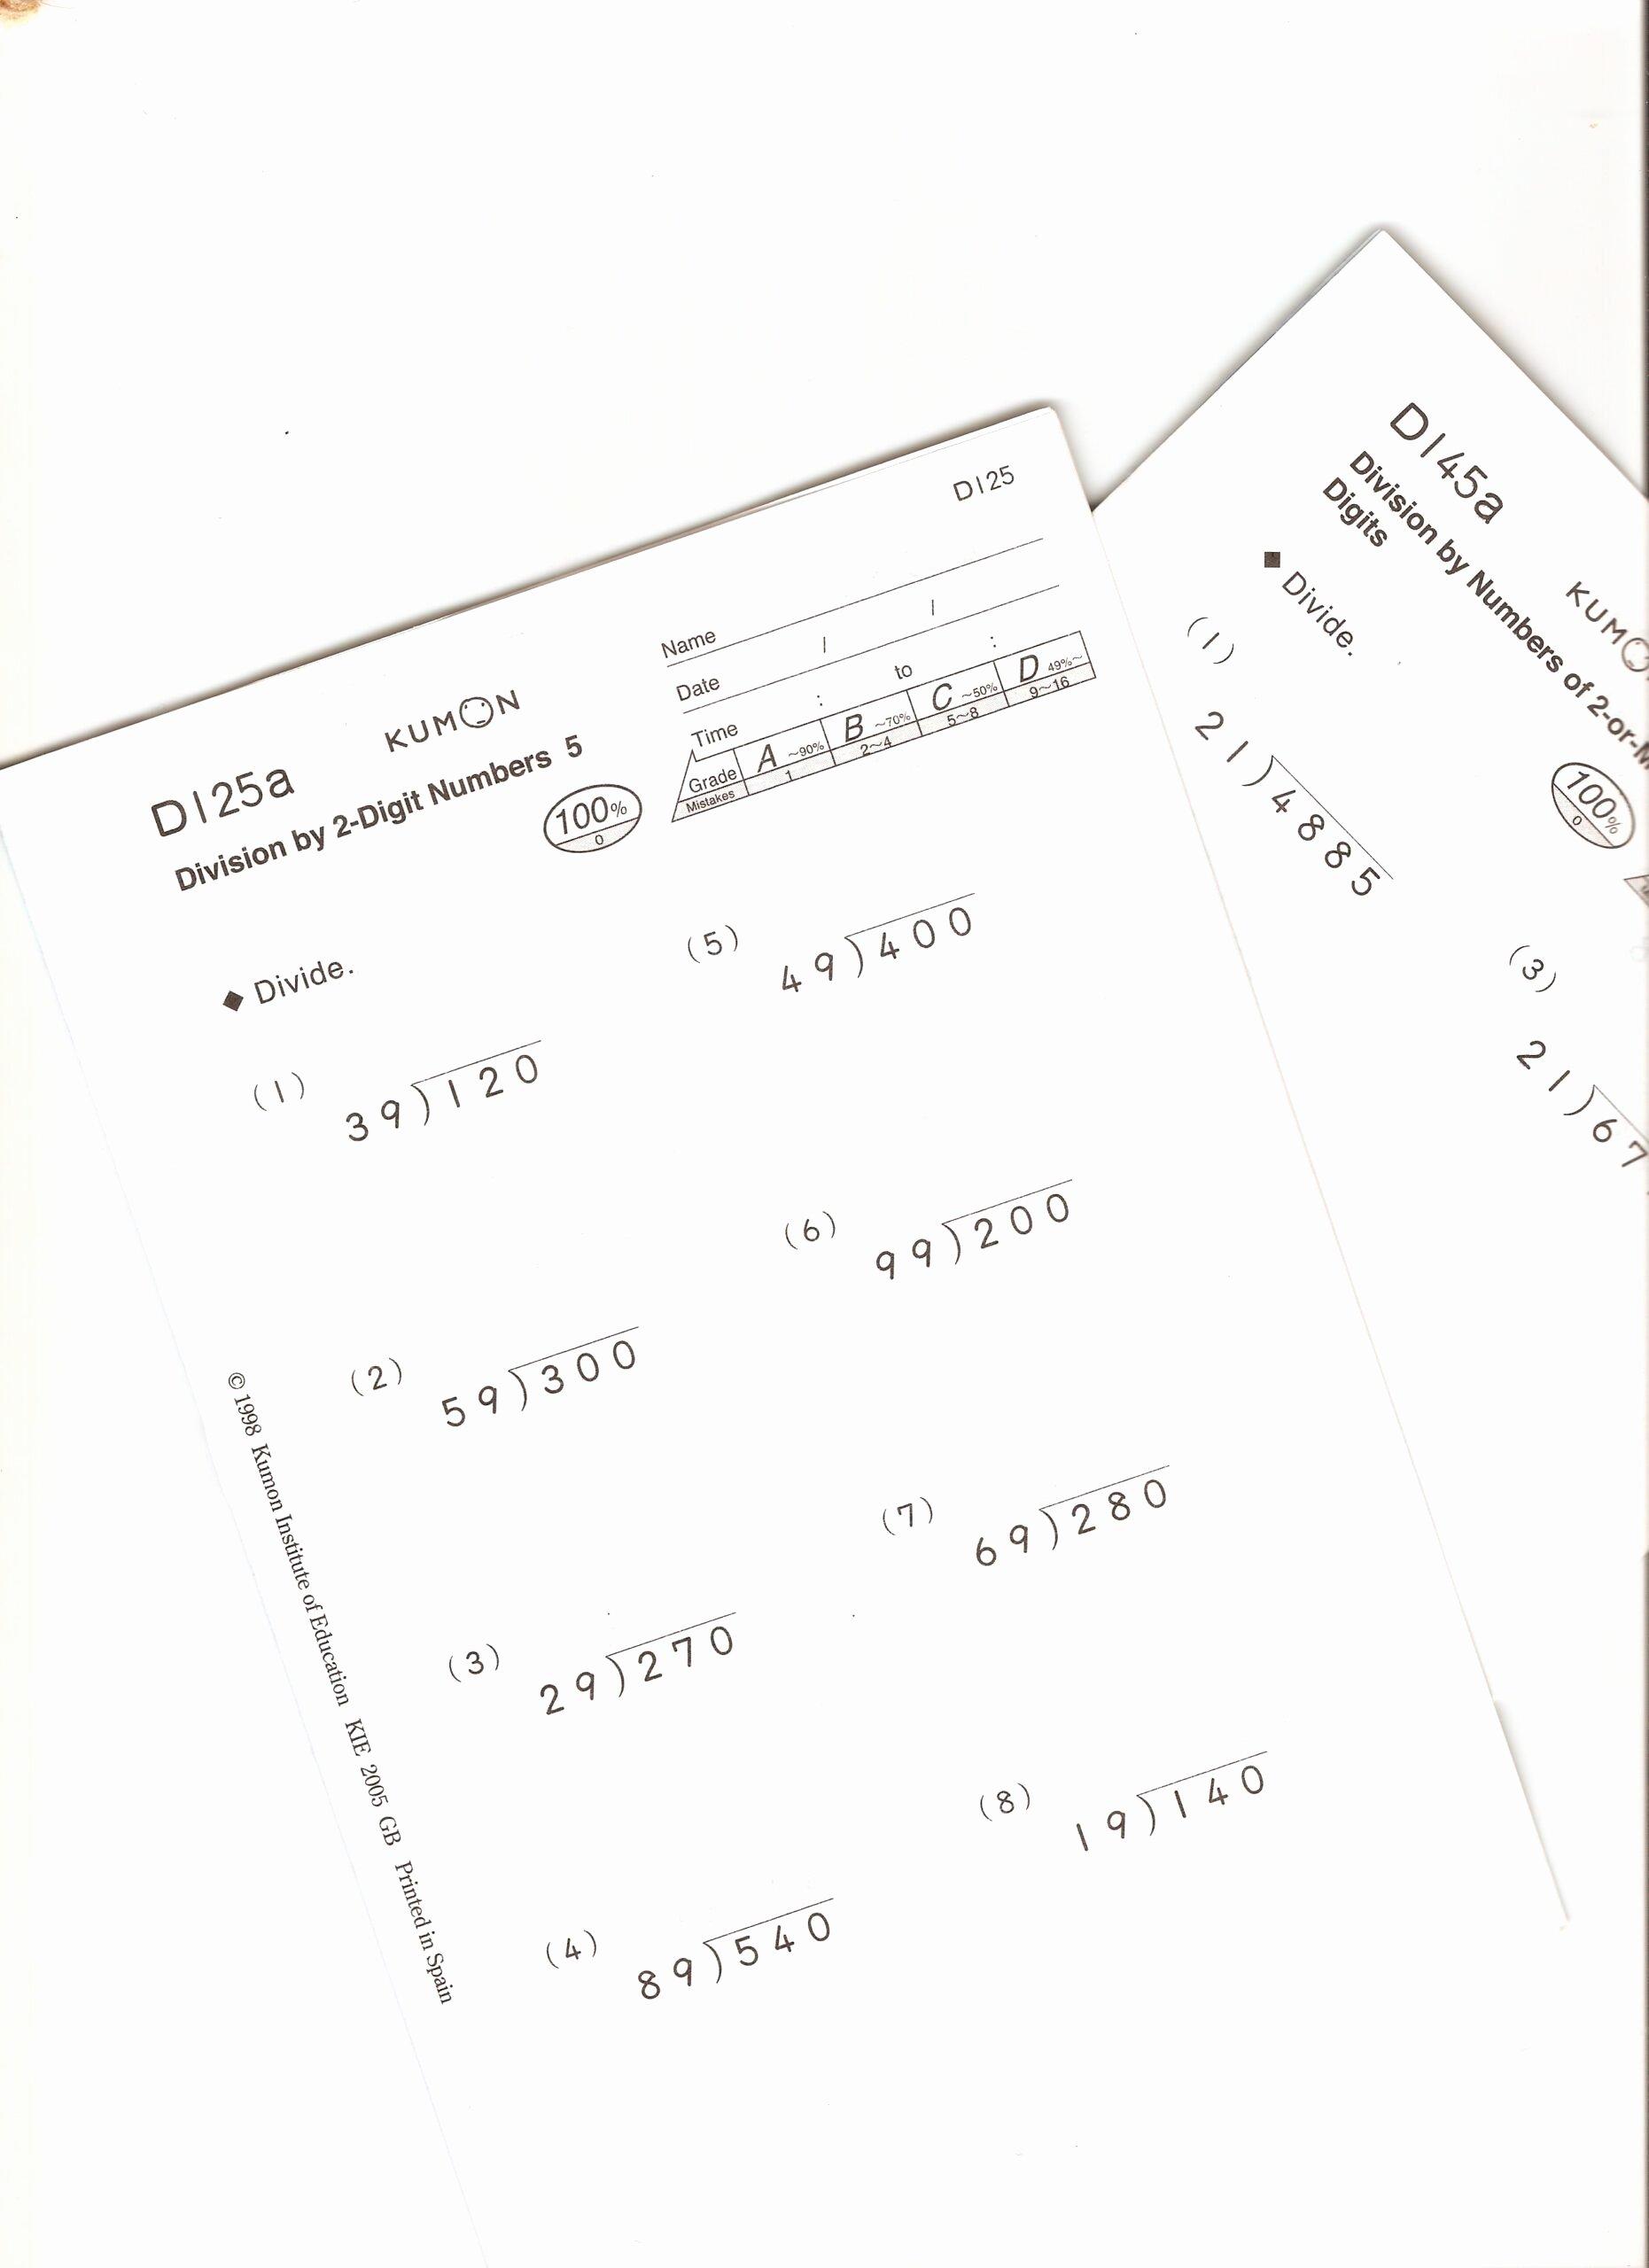 Proportional Relationship Worksheets 7th Grade Printable Worksheets Proportional Relationships 7th Grade Worksheet